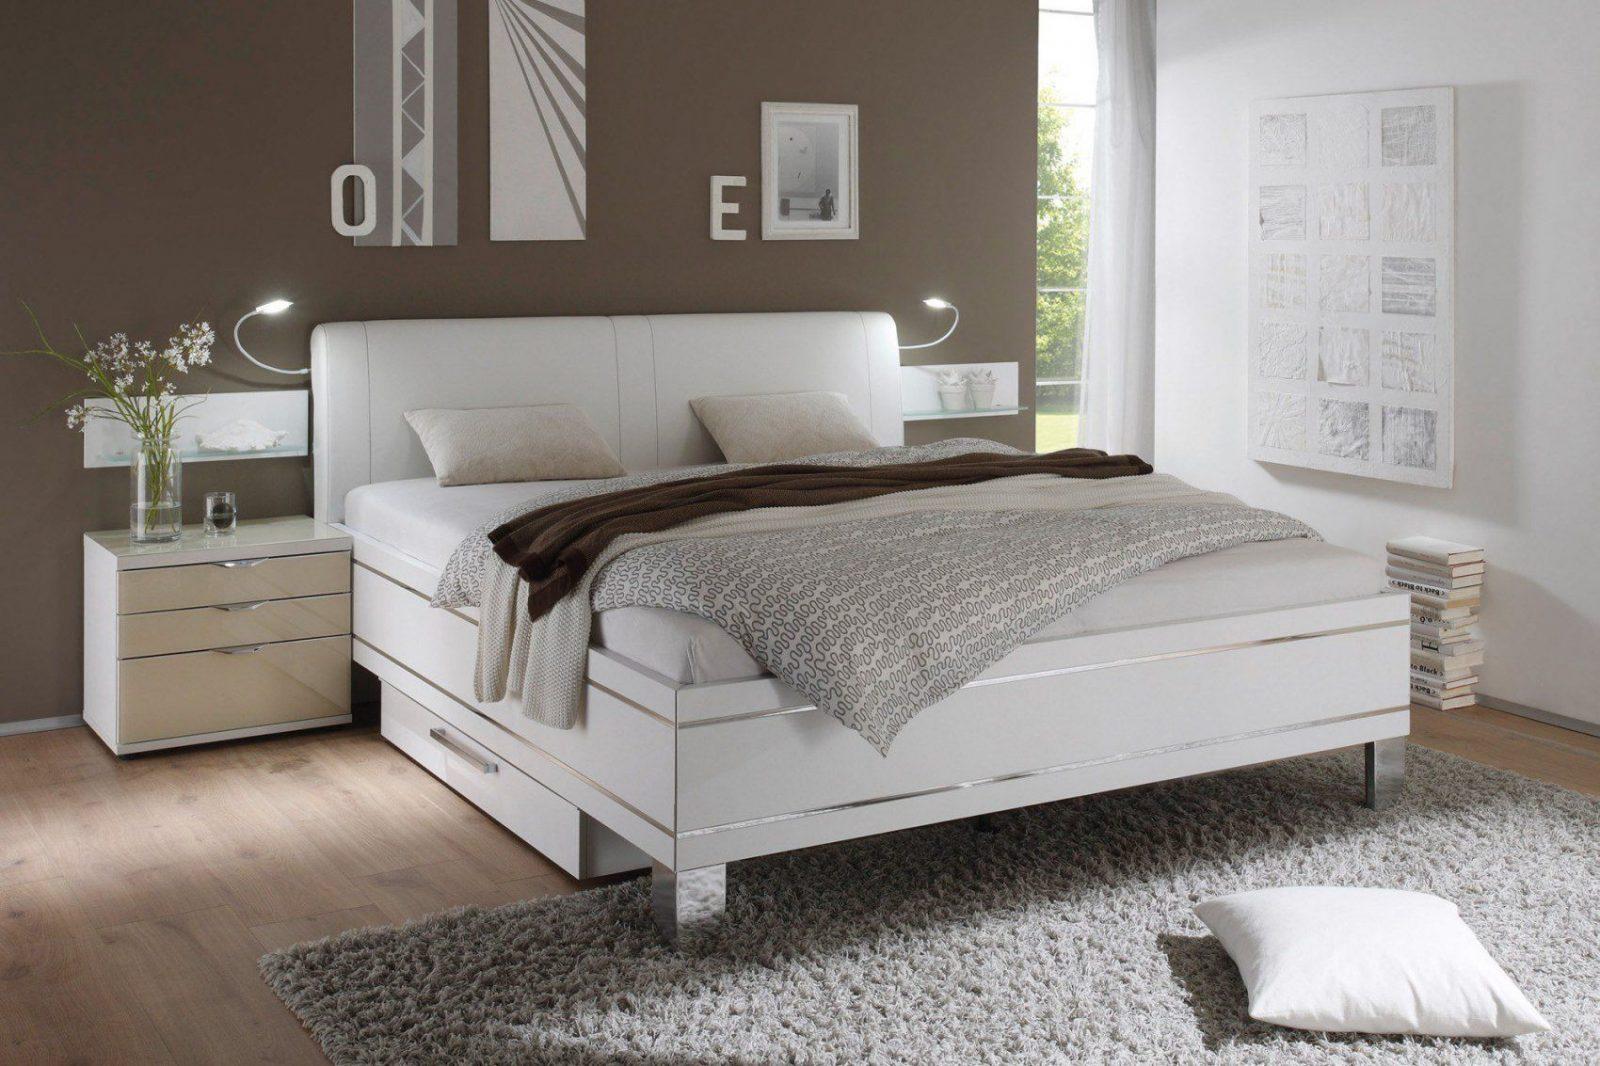 Staud Sinfonie Plus Bett Weiß  Möbel Letz  Ihr Onlineshop von Staud Sinfonie Plus Bett Photo